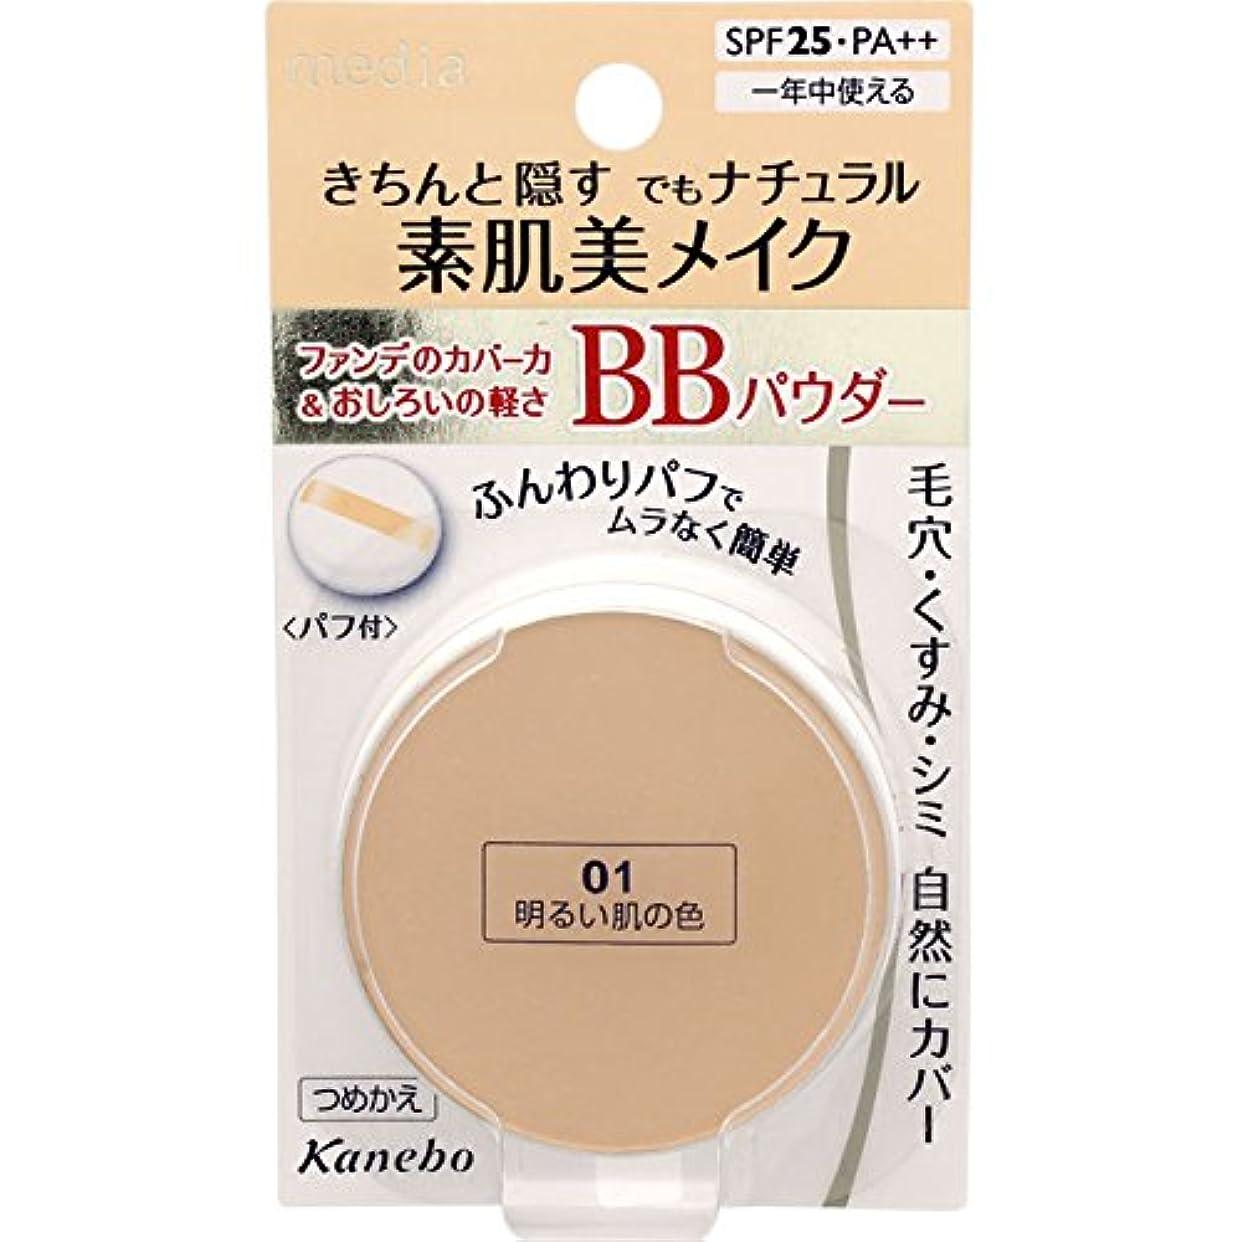 モック慣れる土器メディアBBパウダー01(明るい肌の色)×3